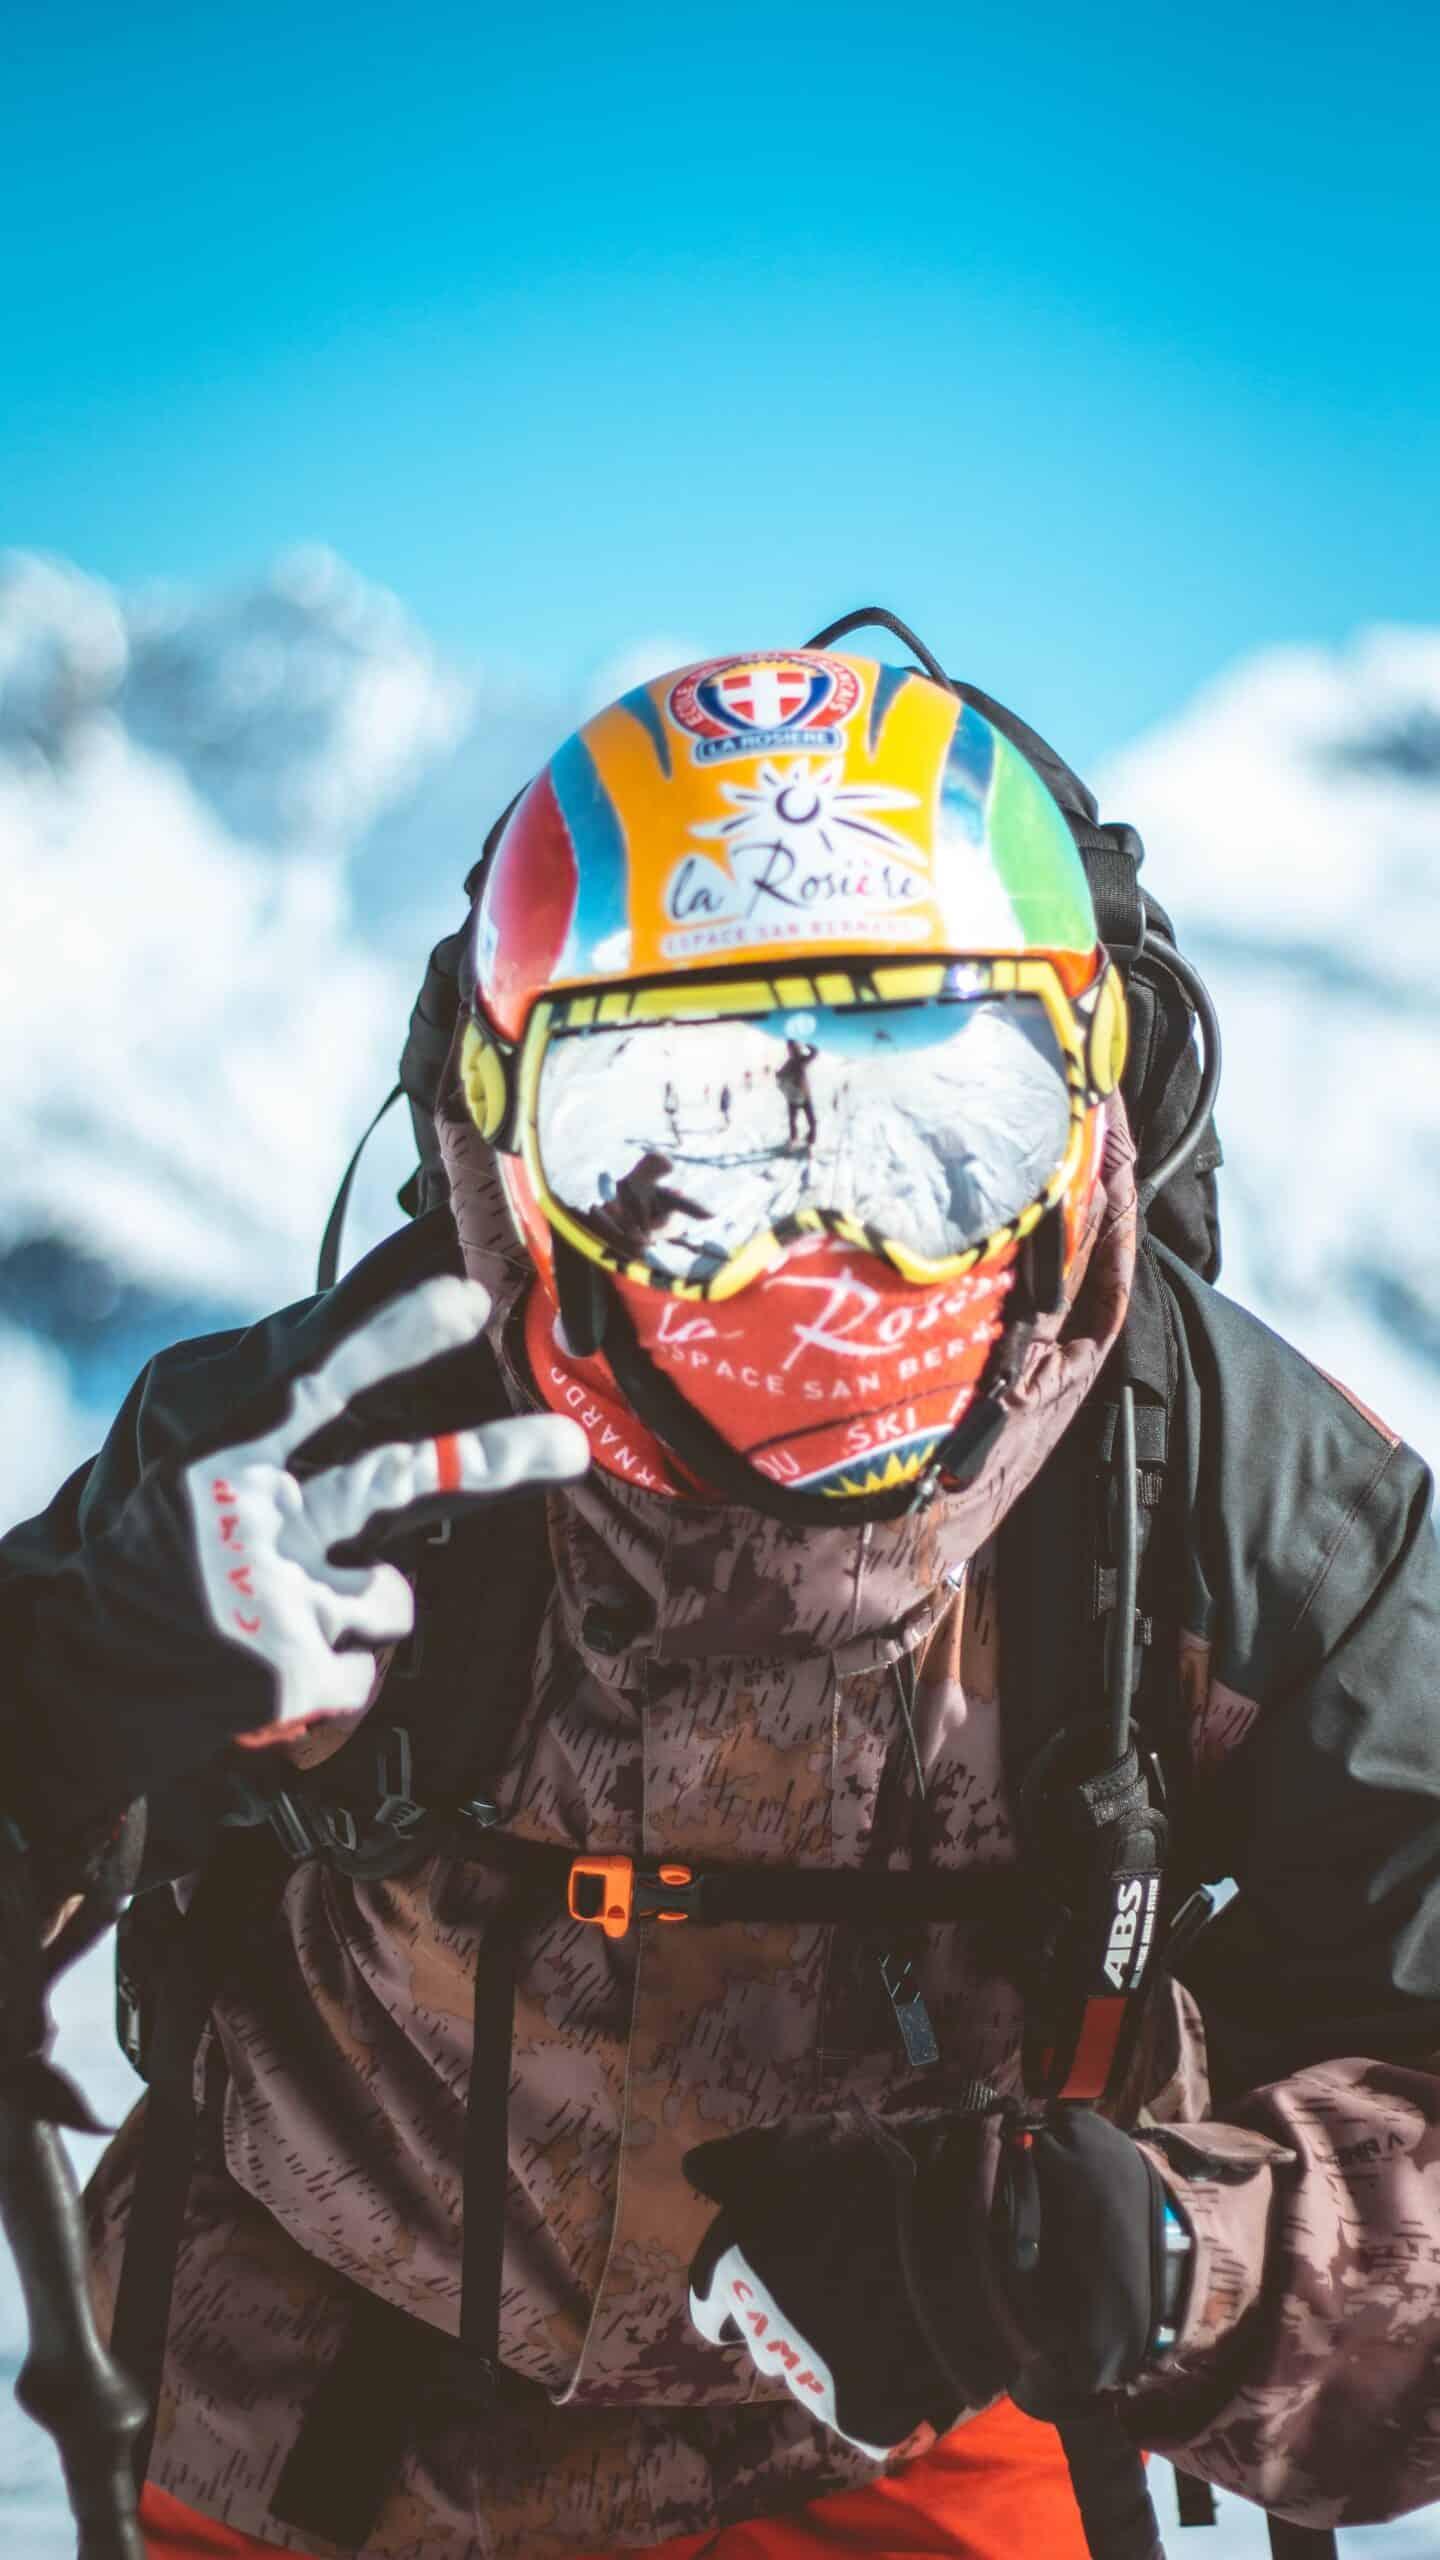 skiier in neck gaiter